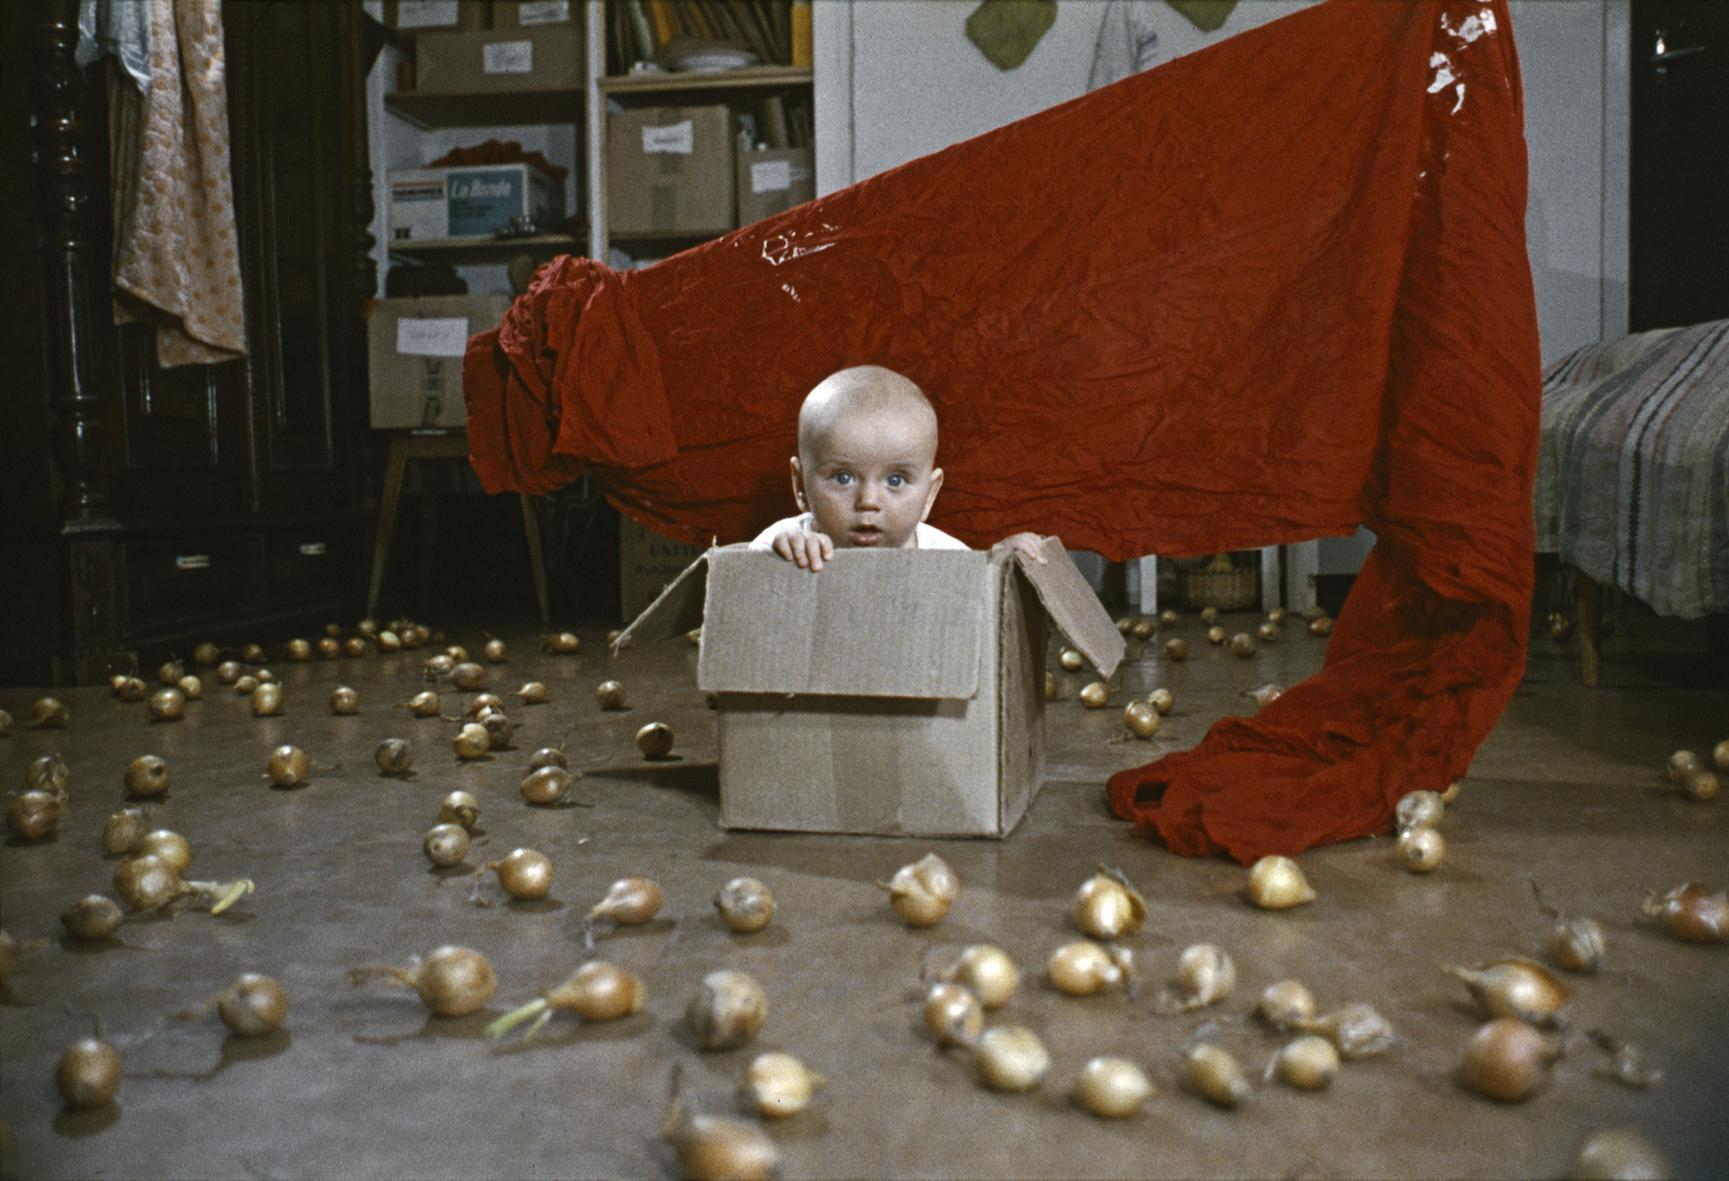 KwieKulik, Działania zDobromierzem, 1972-74 dygitalizacja 2008, projekcja natrzy ekrany, ok. 390 slajdów, 31' 06'', ed. 5 + 2 A.P.